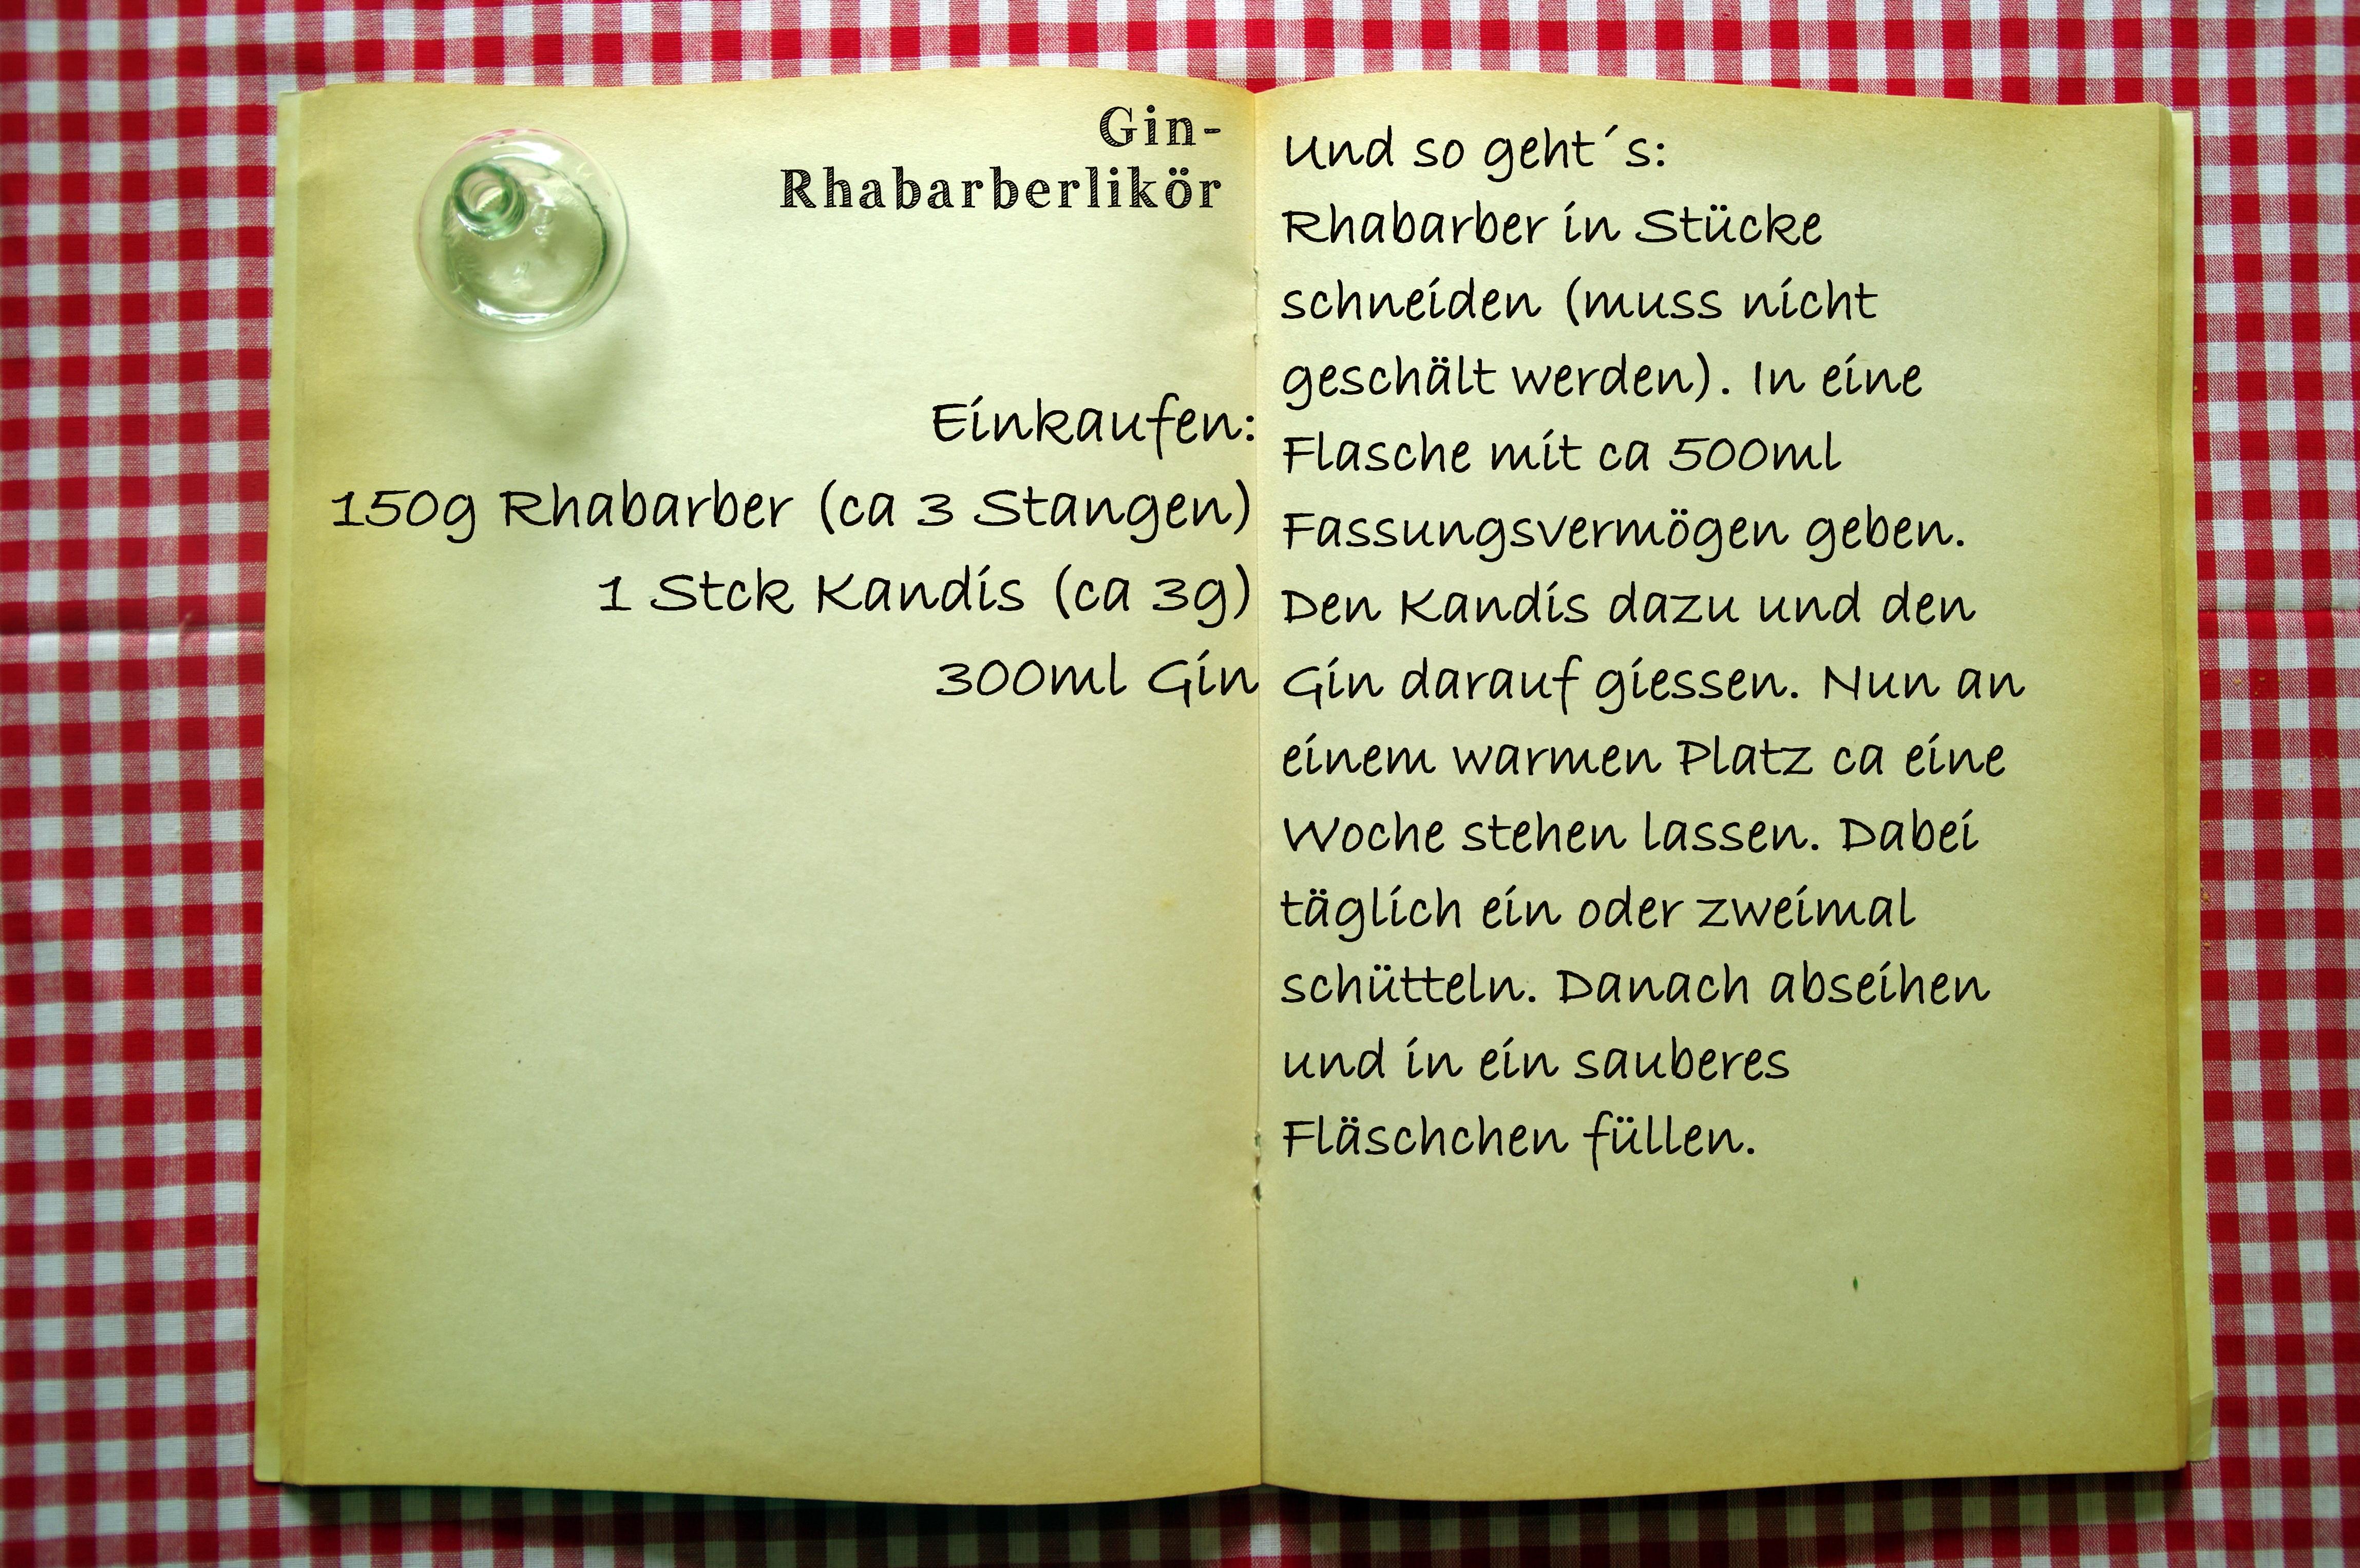 Einkaufszettel Rhabarberlikör by Glasgefluester